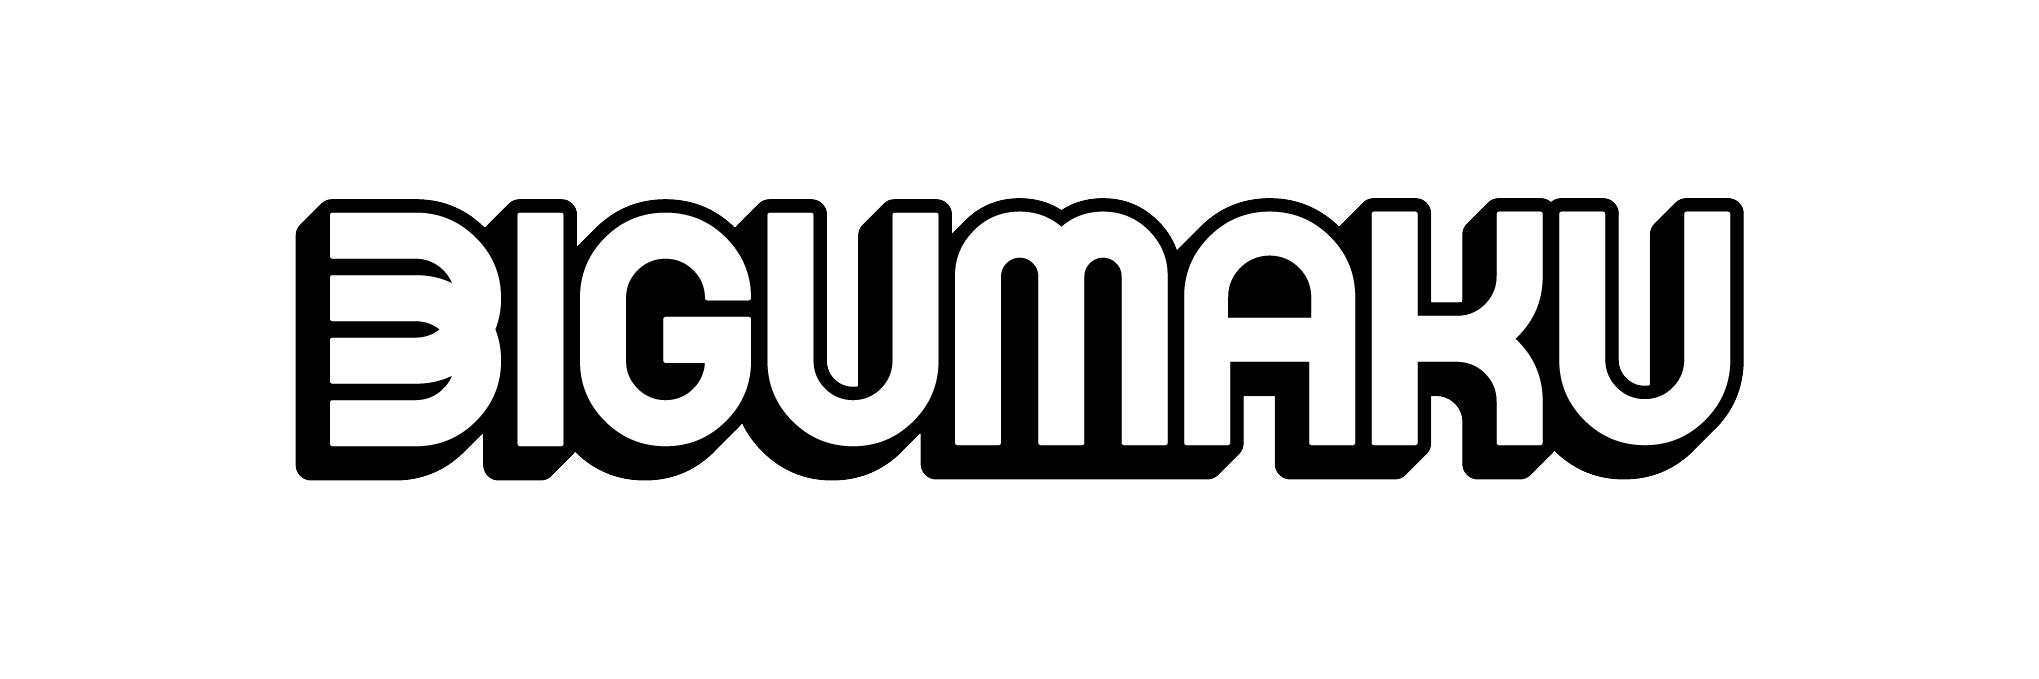 BIGUMAKU_logotype_BW copy.png